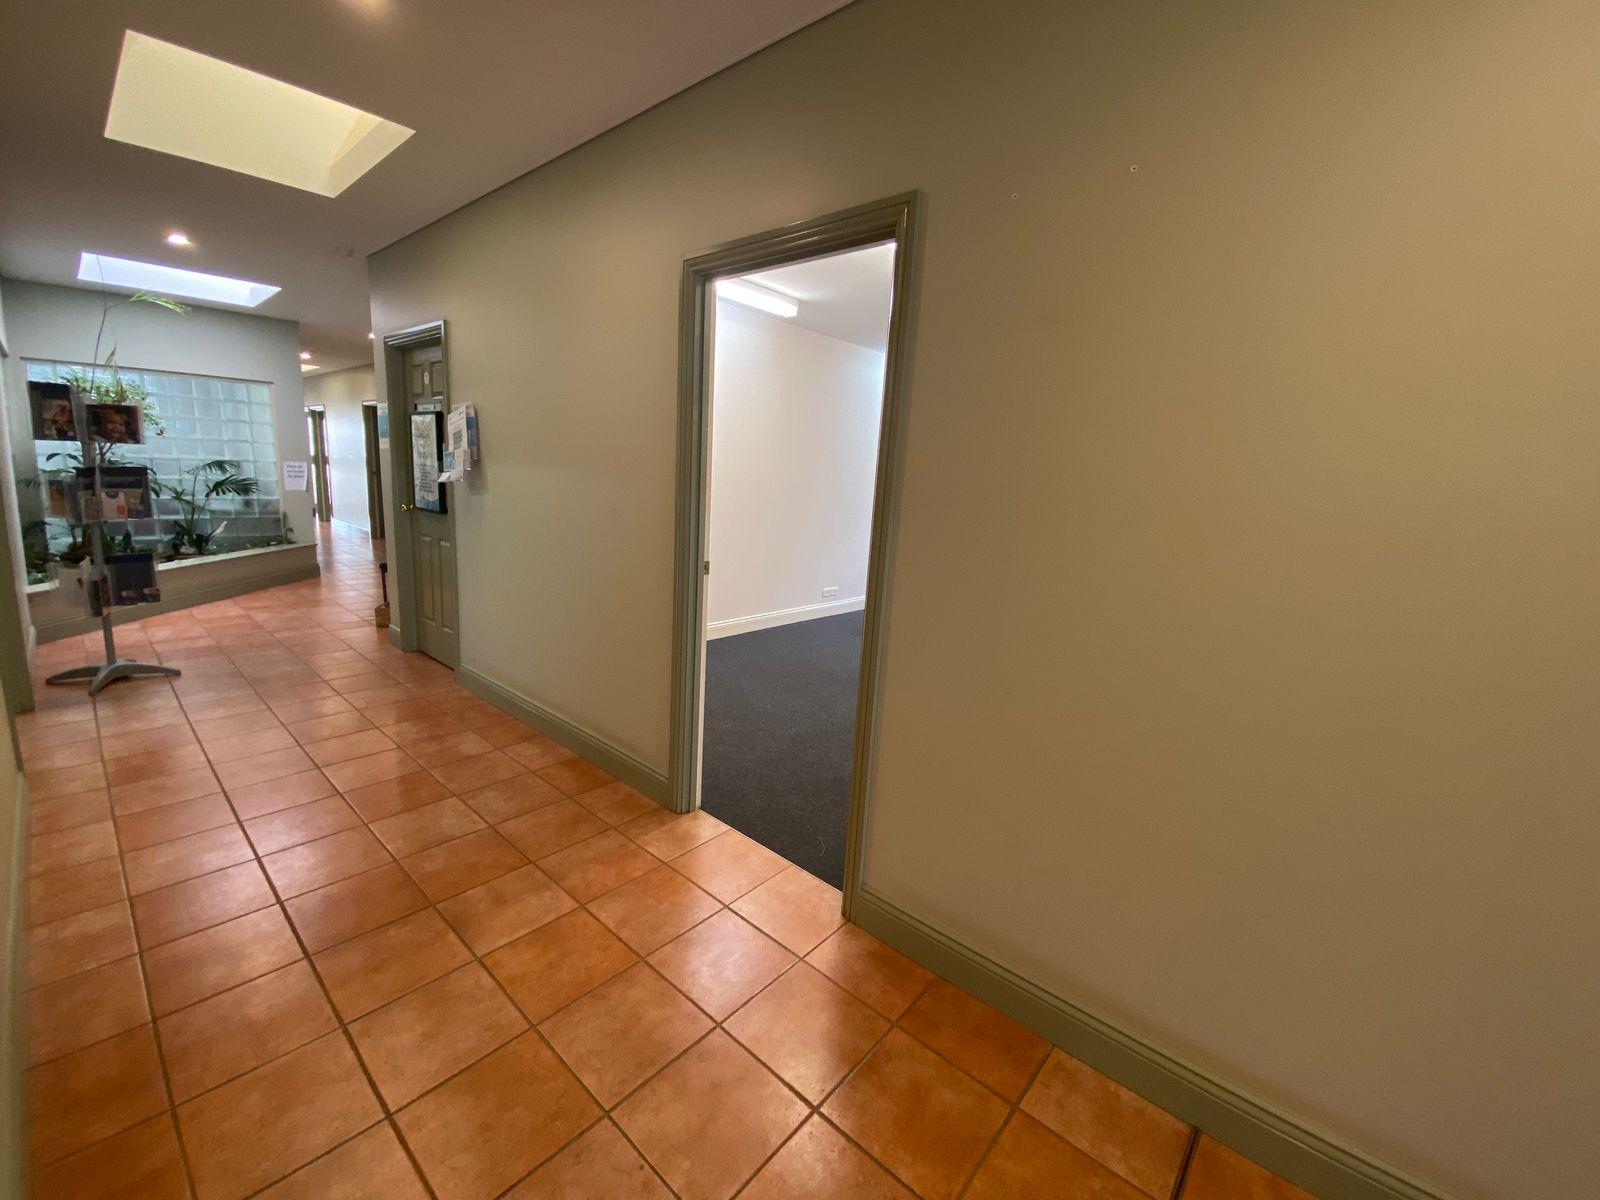 Suite 8/31-33 Dugan, Kalgoorlie, WA 6430